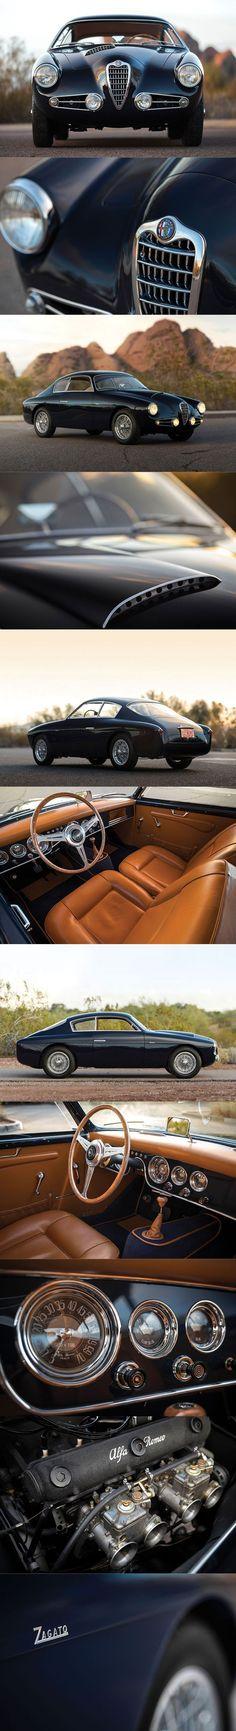 1955 Alfa Romeo 1900 C SS Berlinetta / Zagato / s/n 01909 / RM Sotheby's / Italy / black / 17-380 #automotive #autmomotivo #carror #carros #car #alfaromeozagato